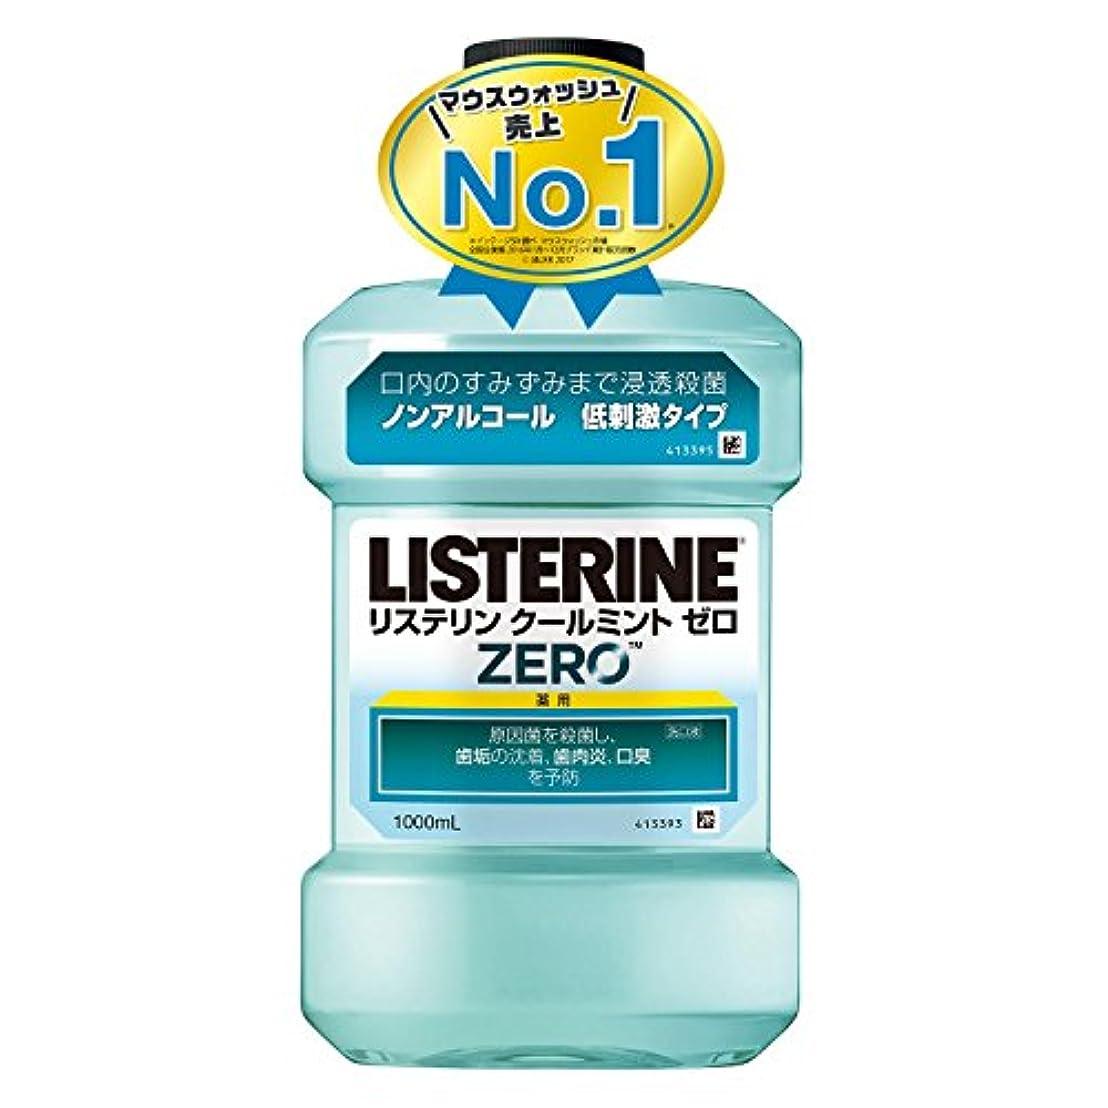 奇跡的なアベニュー傾斜[医薬部外品] 薬用 リステリン マウスウォッシュ クールミント ゼロ 1000mL ノンアルコールタイプ